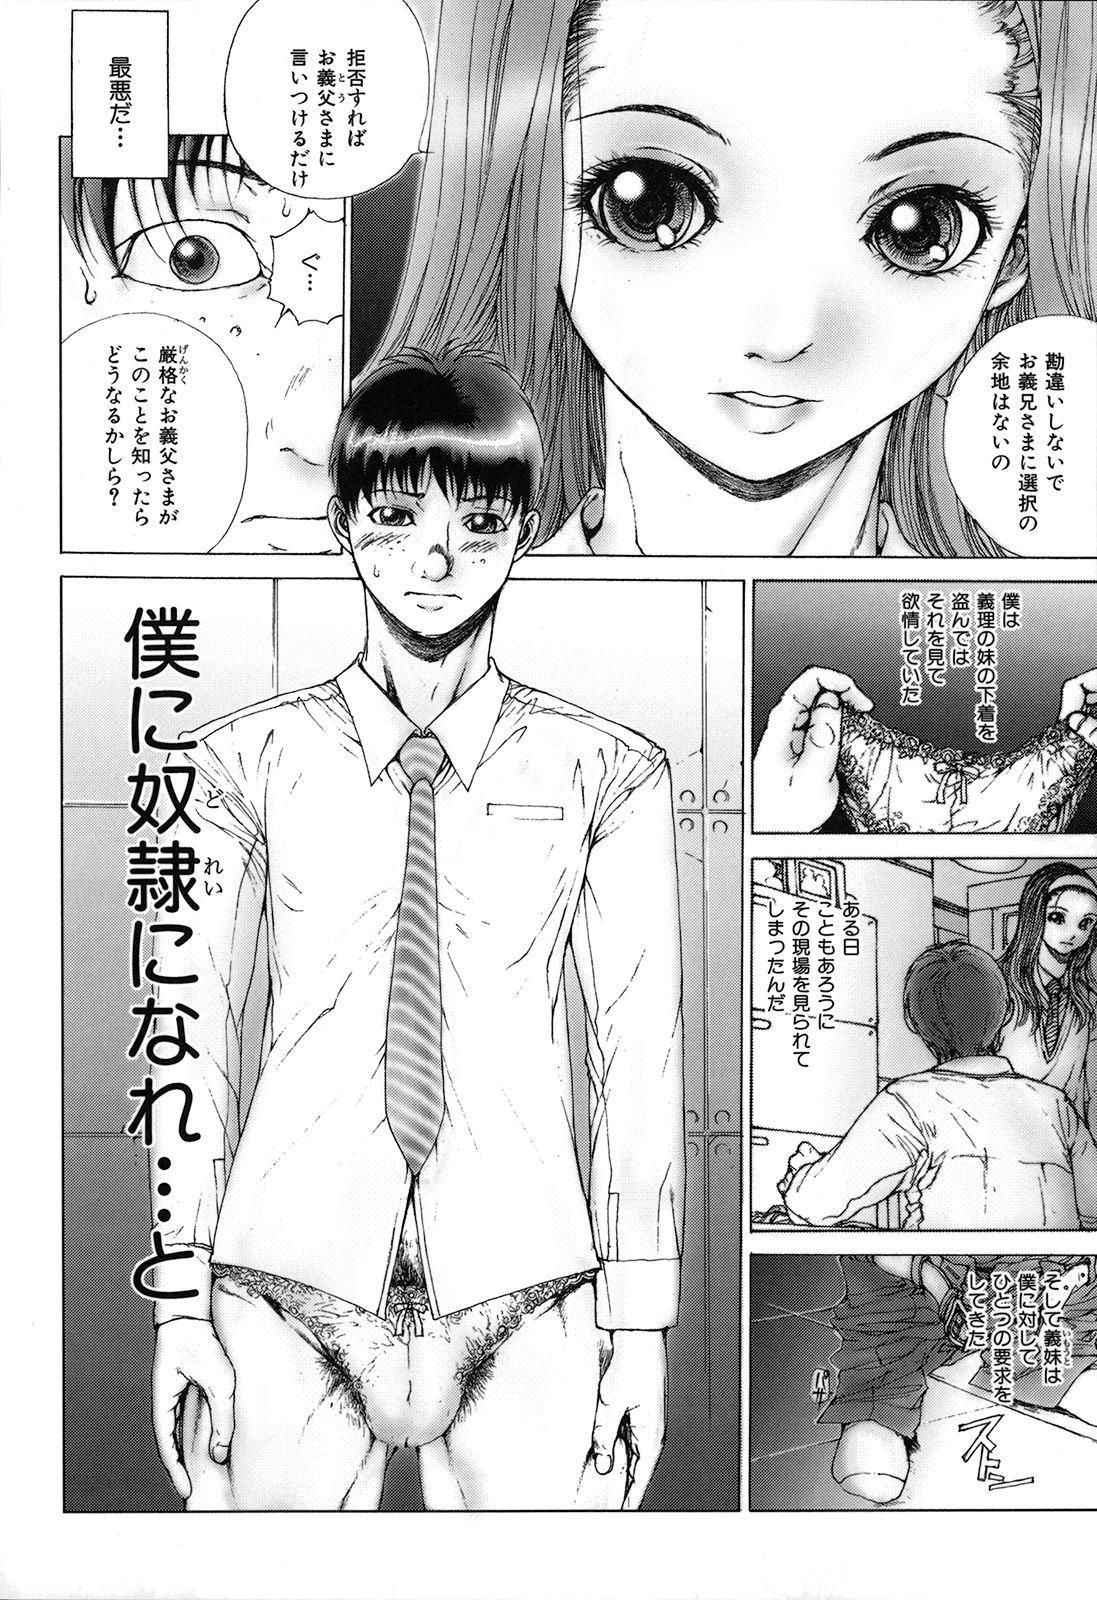 Kou Musume 183